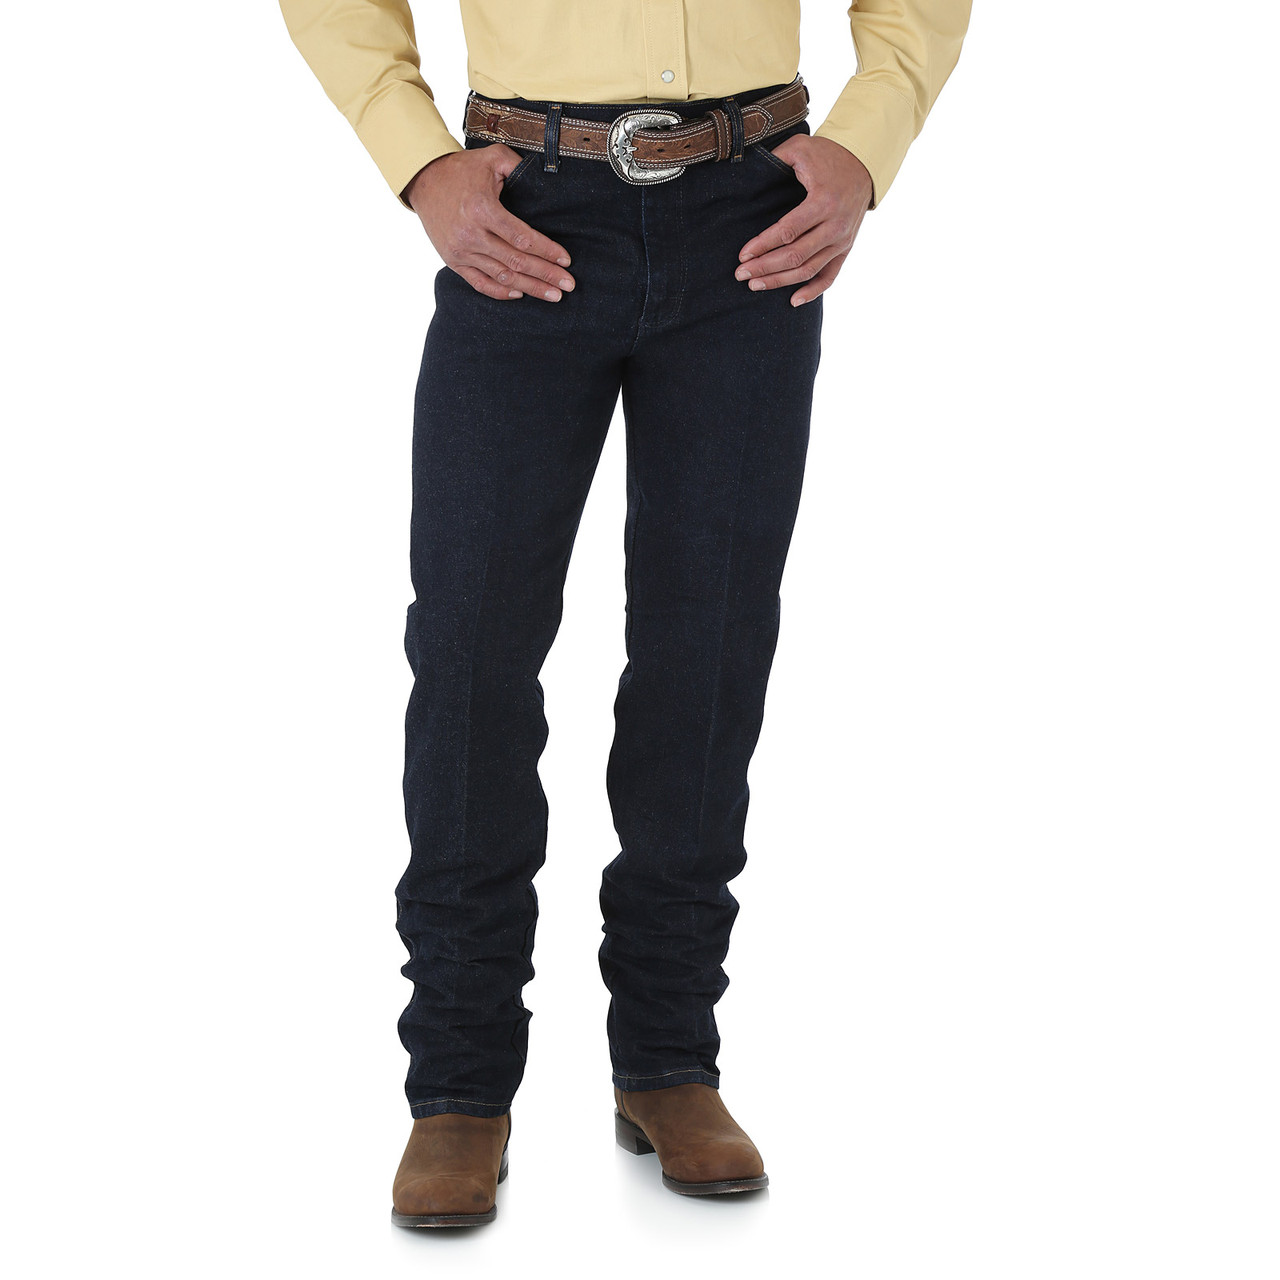 5796b0b70a0 Джинсы Wrangler Cowboy Cut® Silver Edition Slim Fit 933SEDD